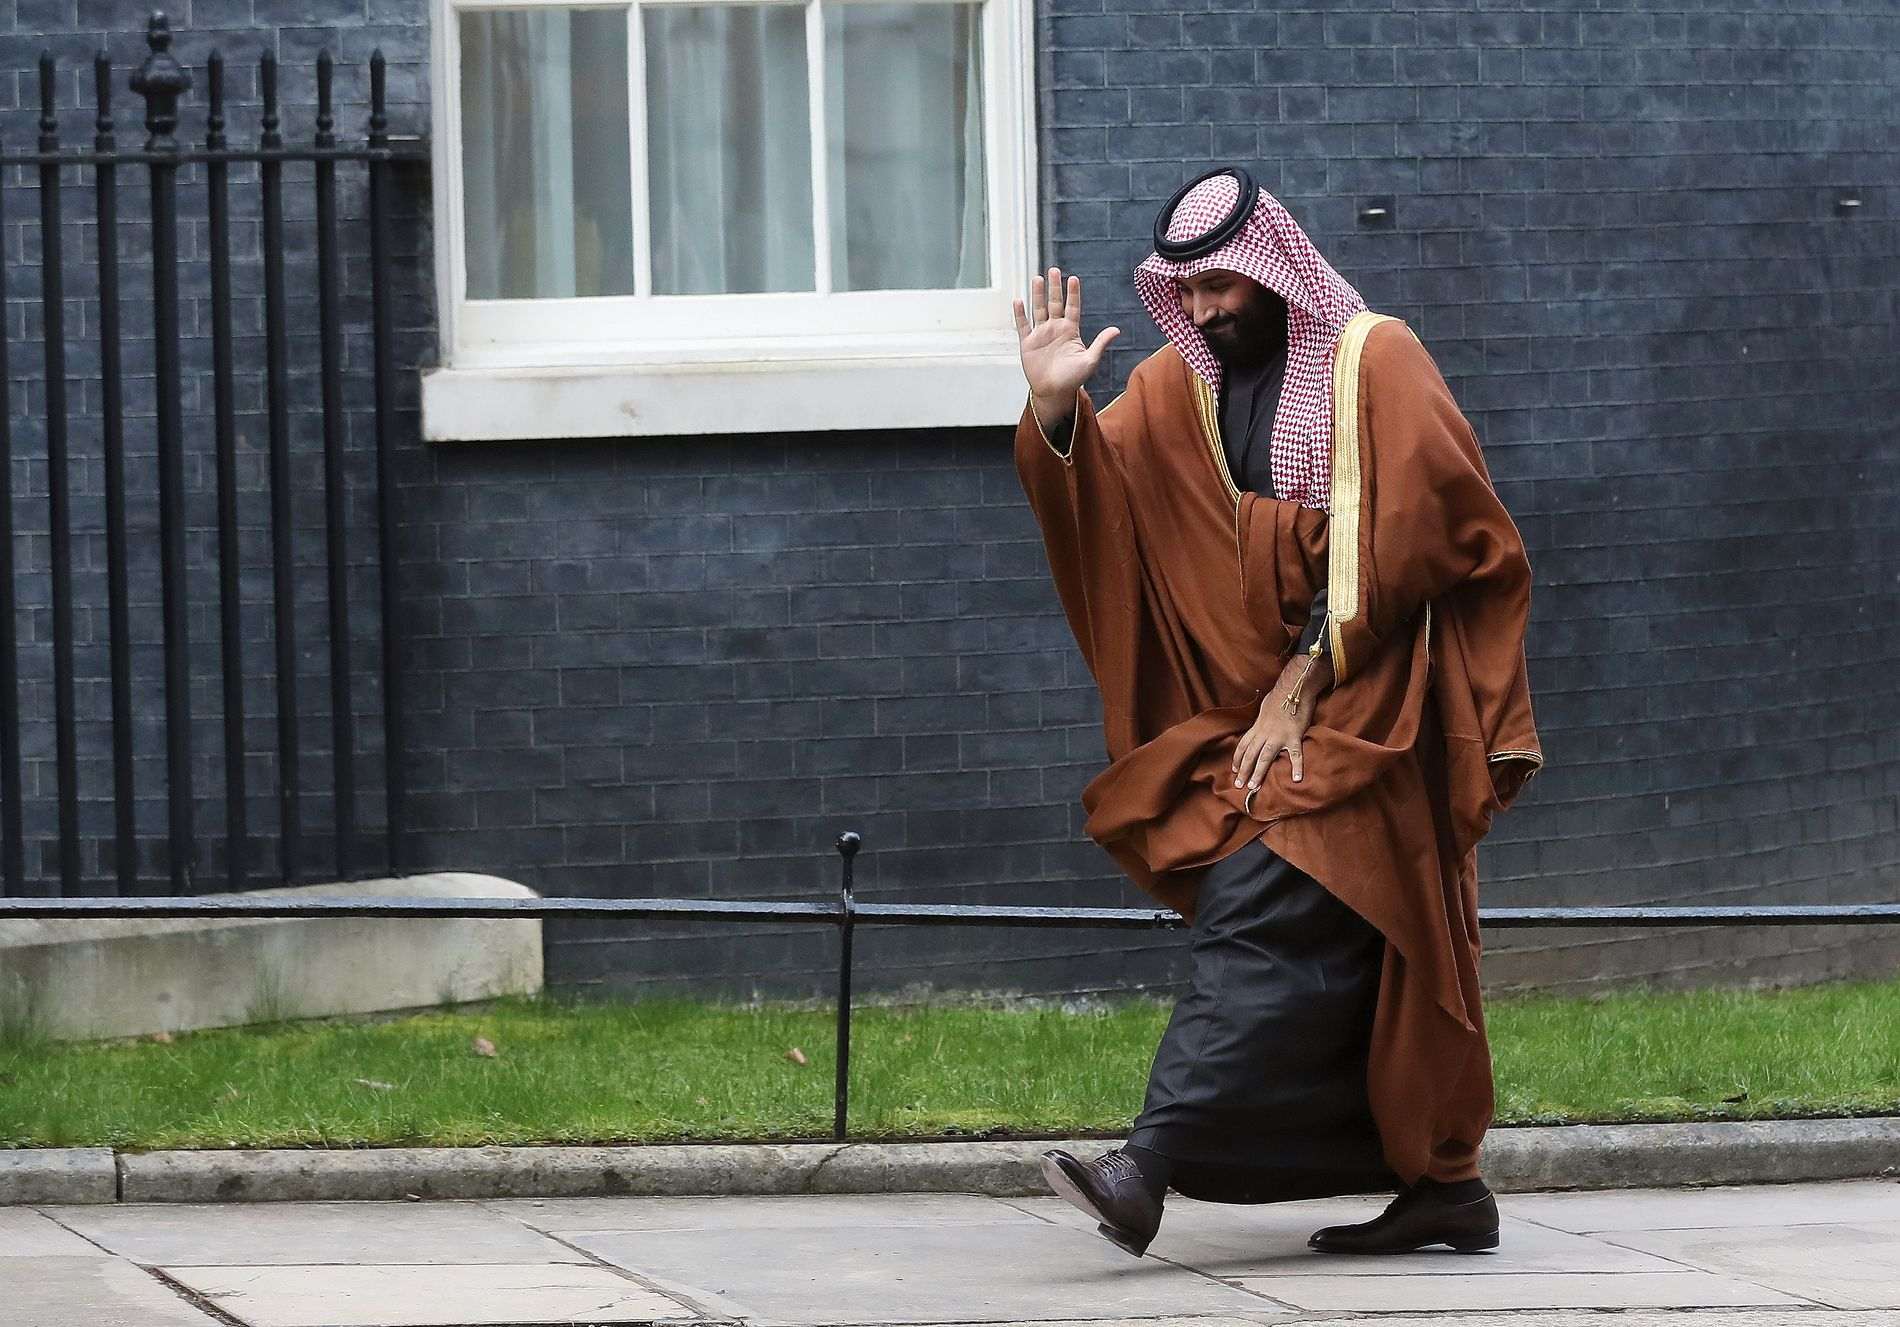 PÅ TUR: Kronprins Mohammad bin Salman av Saudi Arabia var i London tidligere denne måneden for å møte den britiske statsministeren.